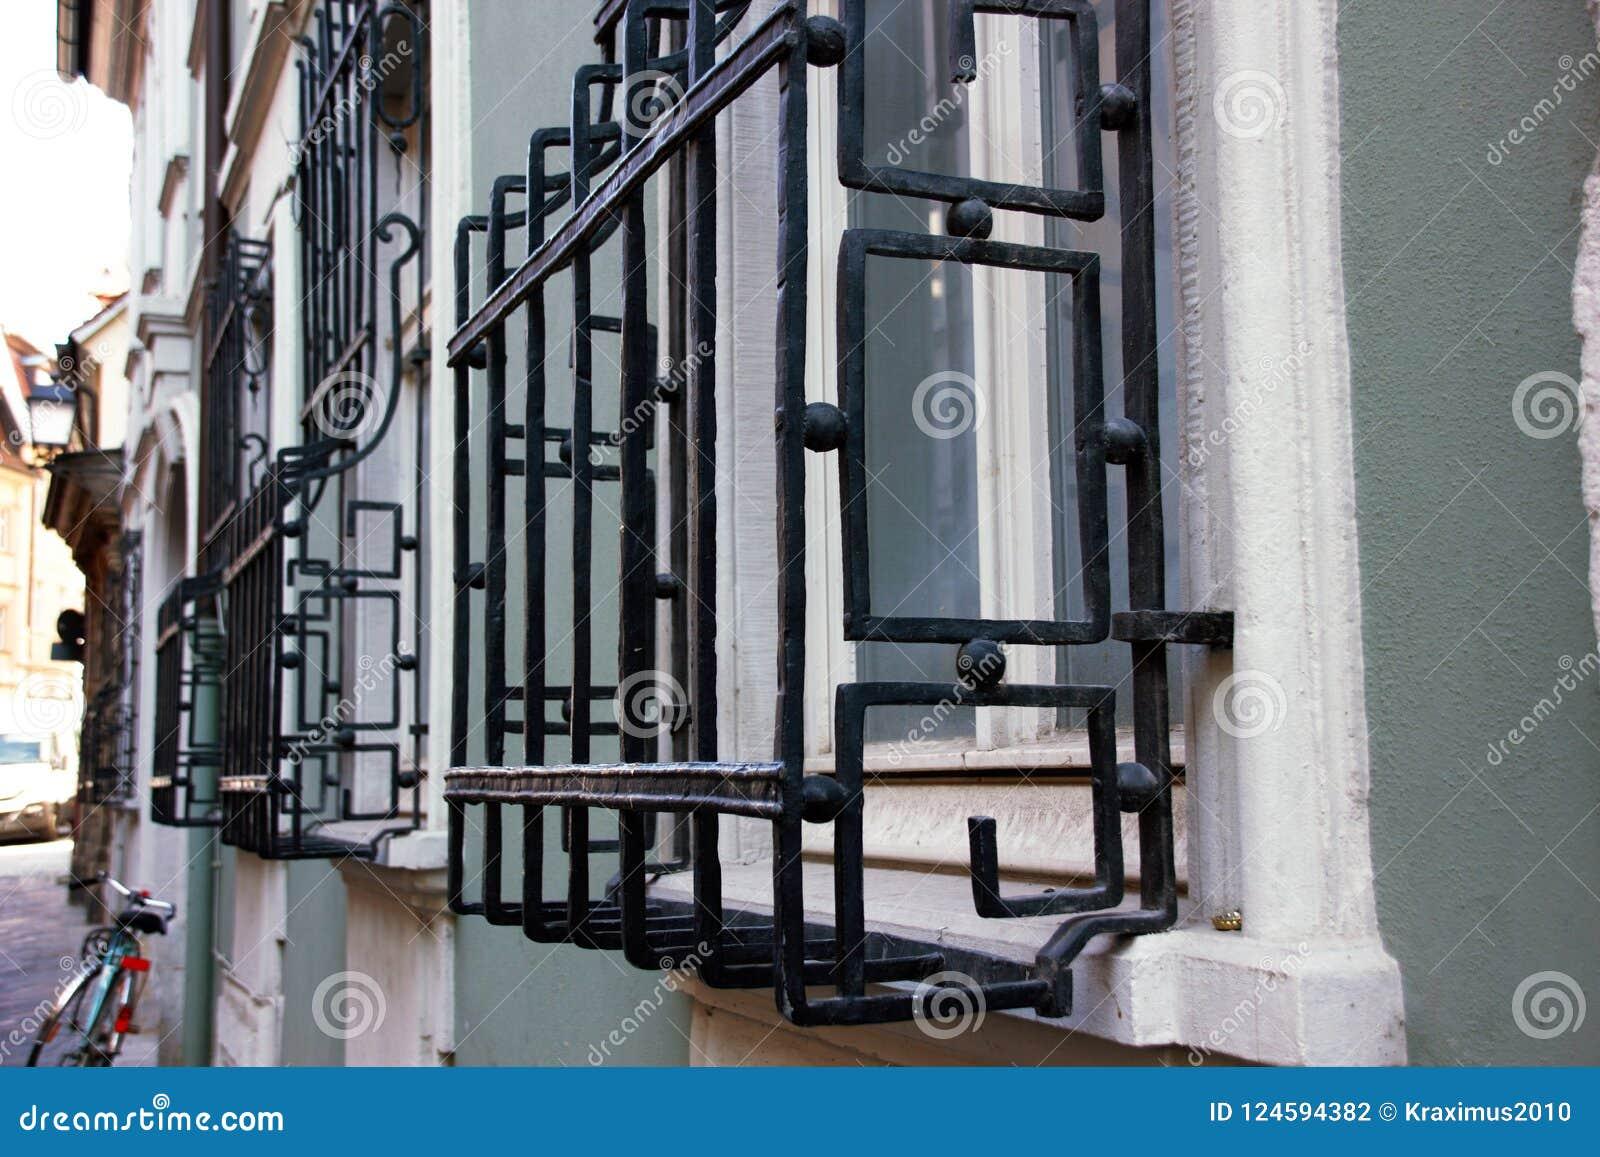 Gut bekannt Gitter Vor Ihrem Fenster Dienen Ihren Schutz/ Stockfoto - Bild von FK33